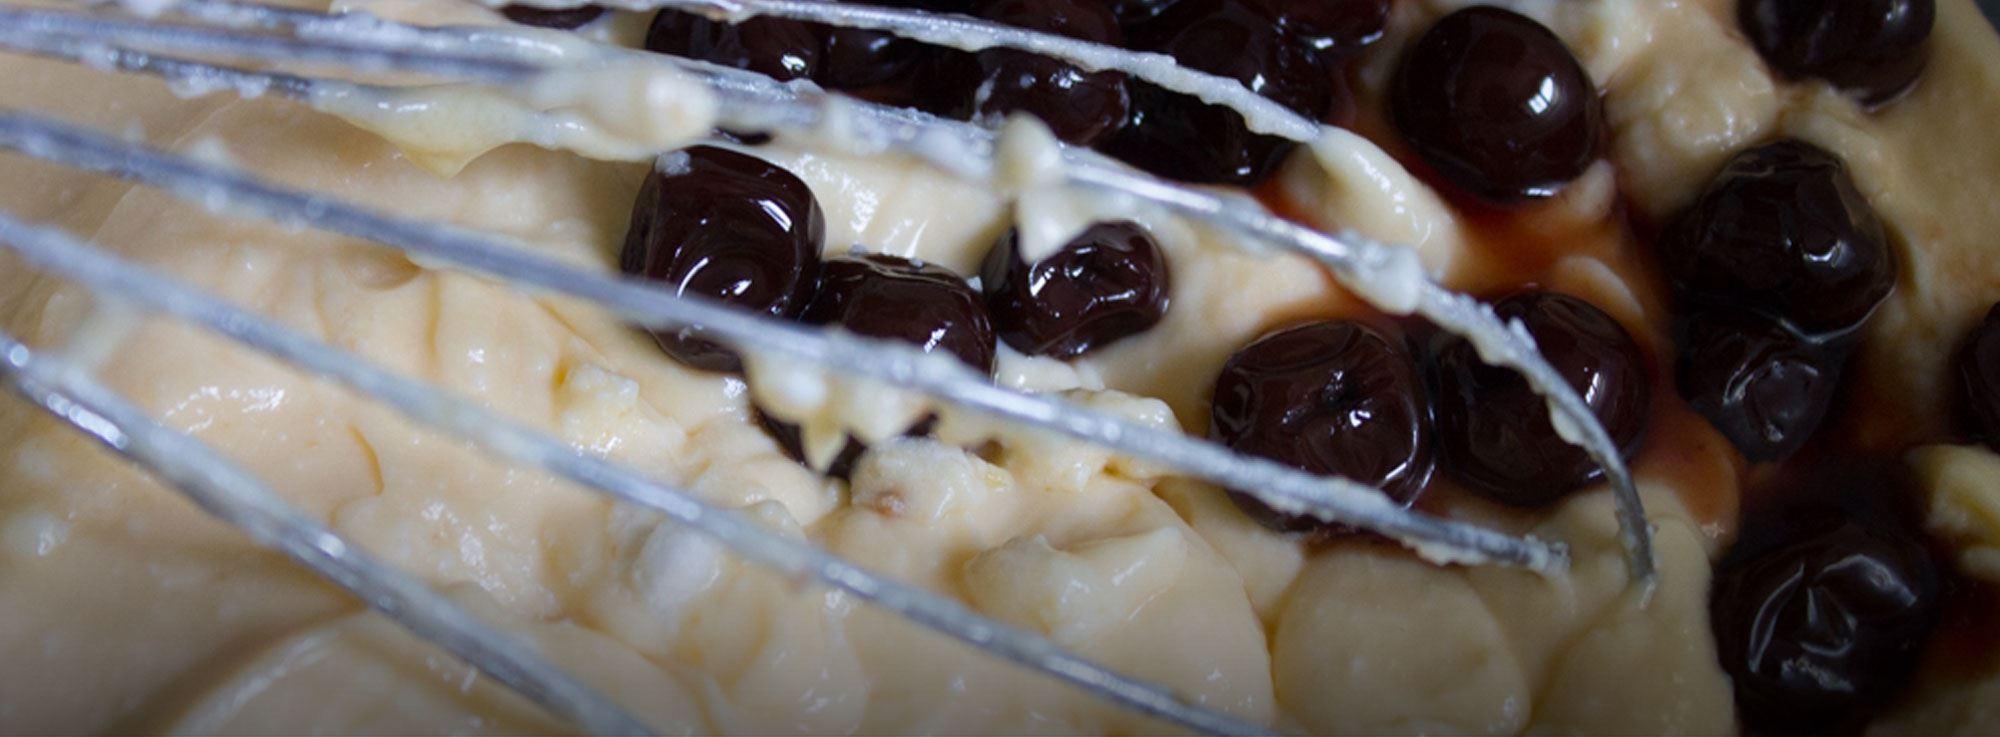 Ricetta: Ricotta infornata dolce con amarene selvatiche